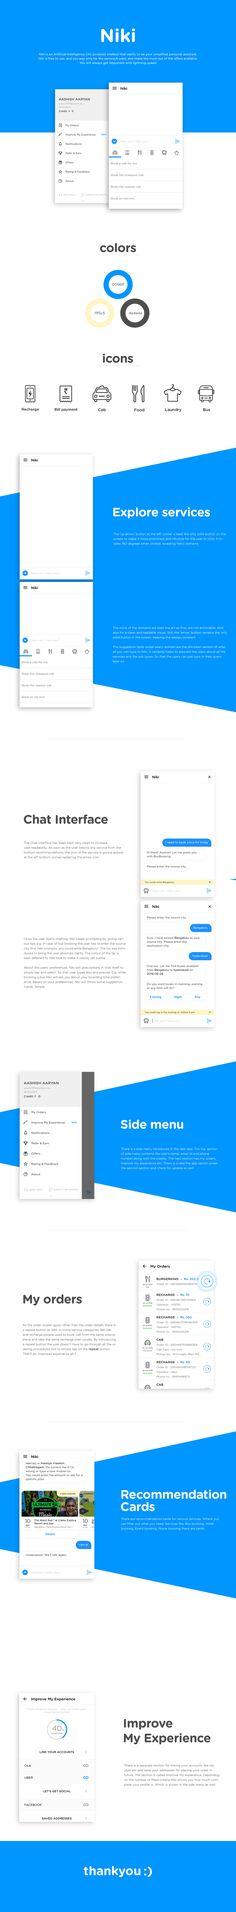 Niki App UIUX on Behance